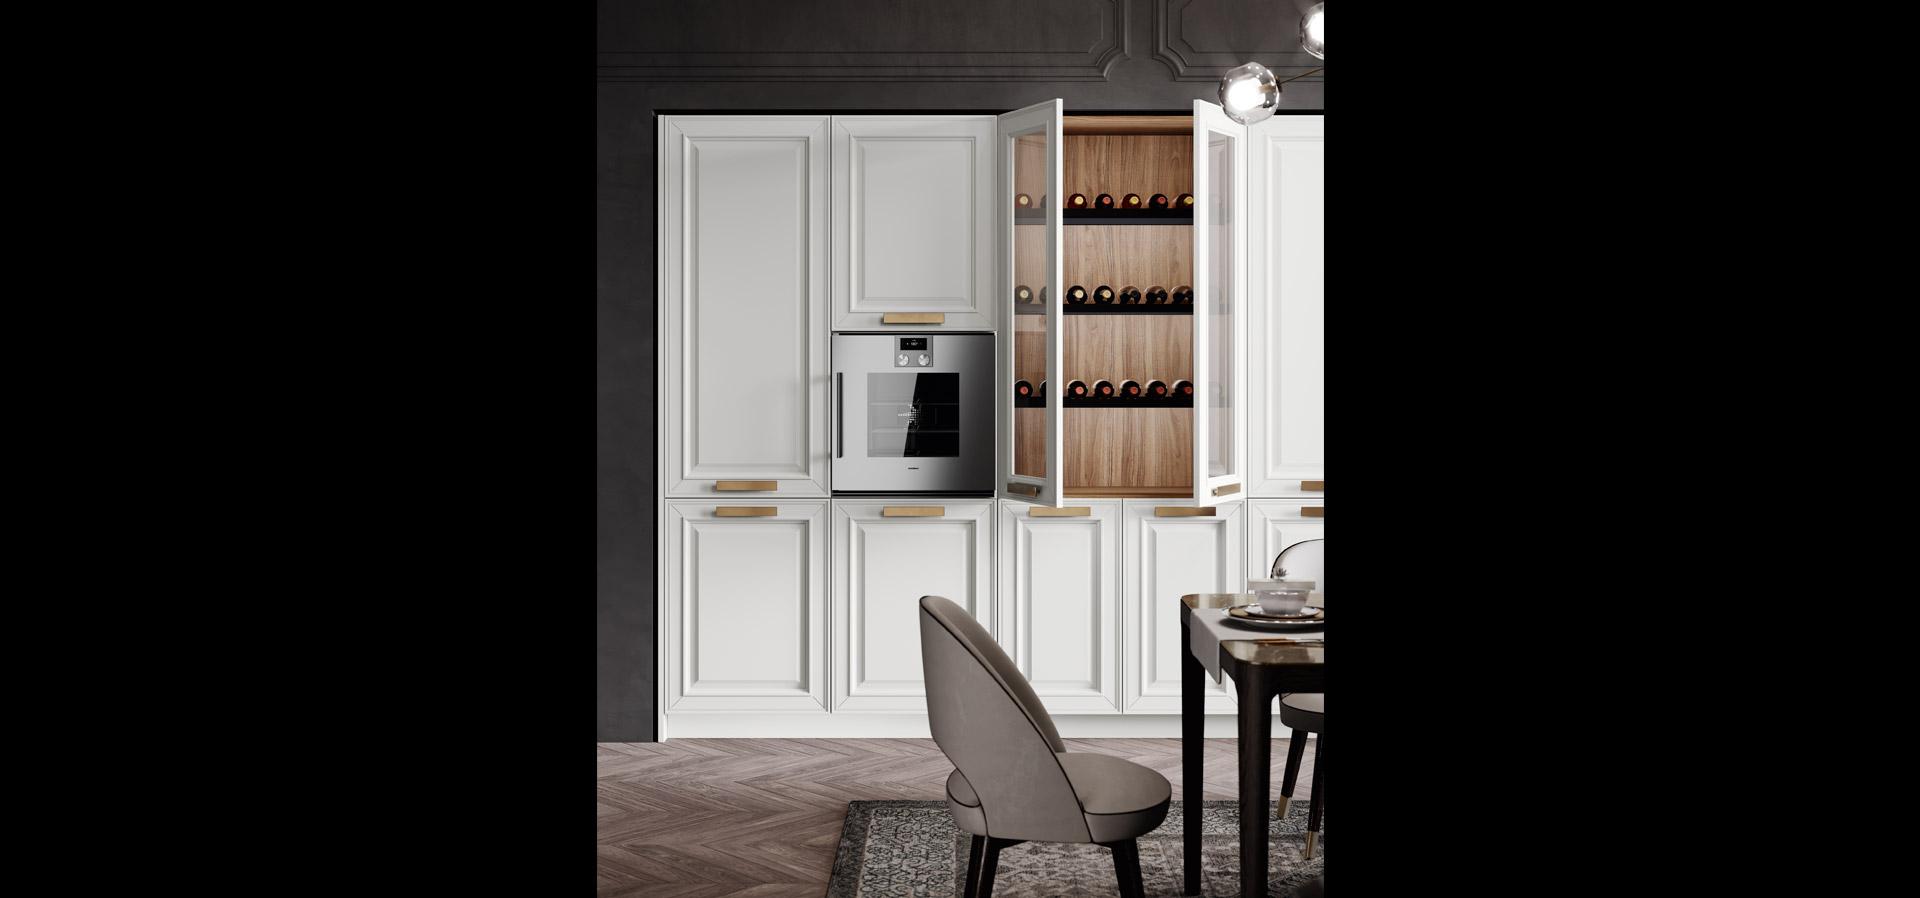 Cucina in stile neoclassico | Caviar | MITON Cucine